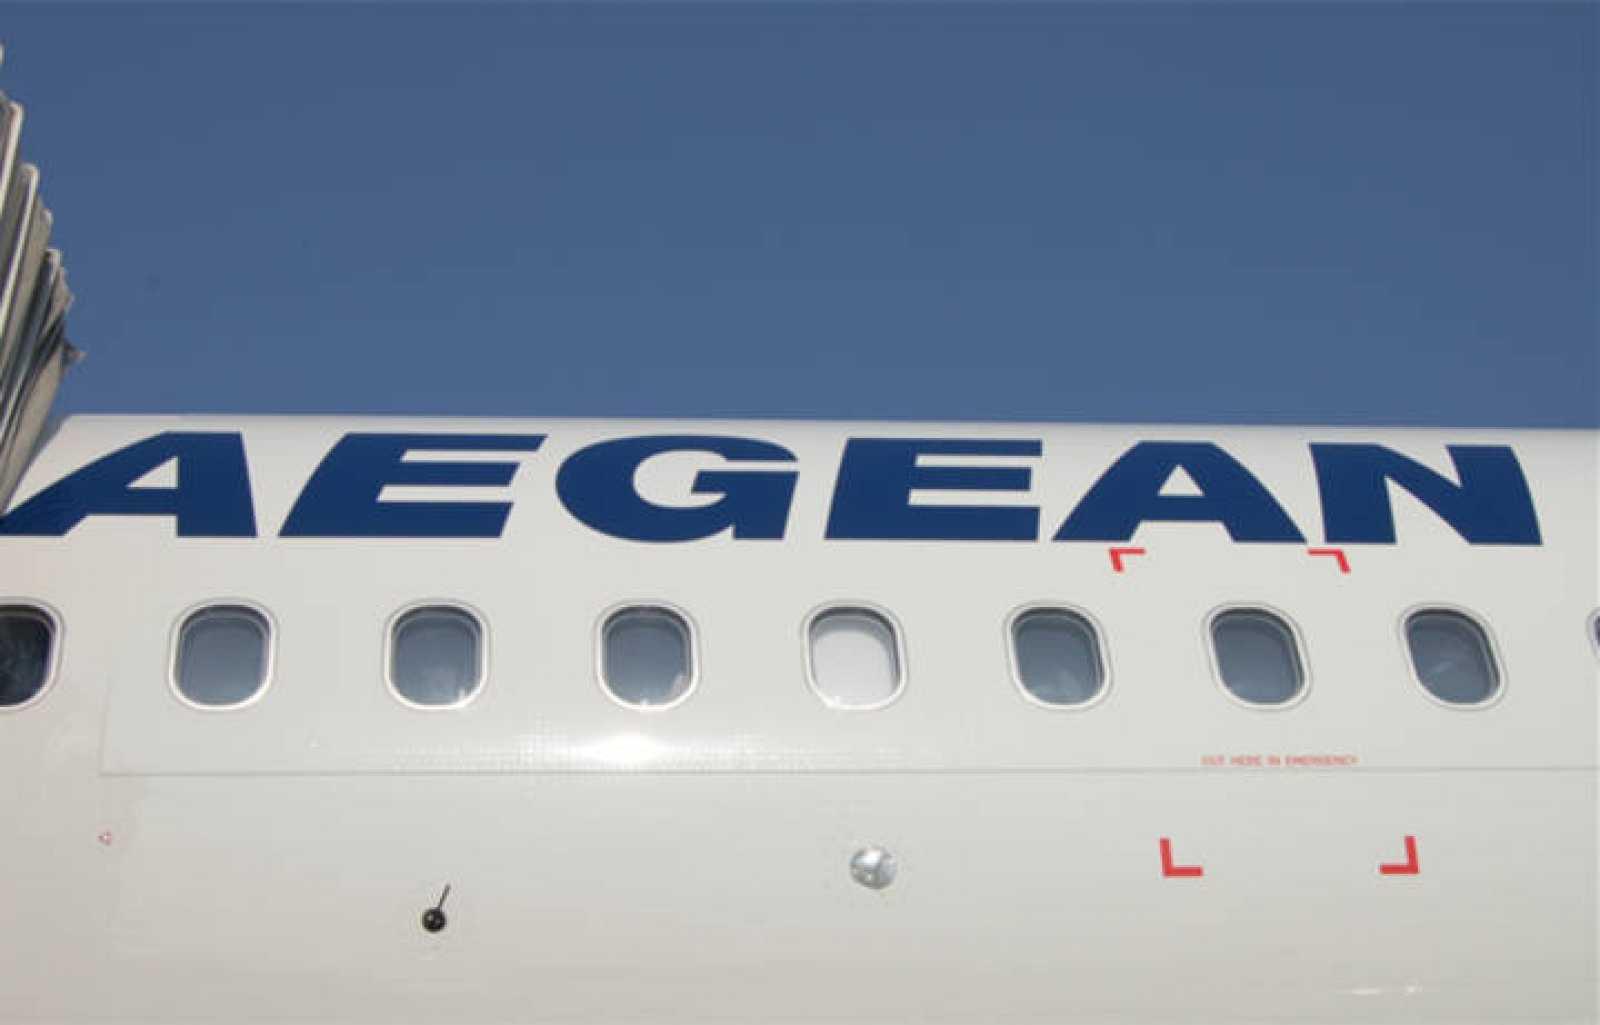 Aegean Airlines ha comprado Olympic Air con el visto bueno de Bruselas